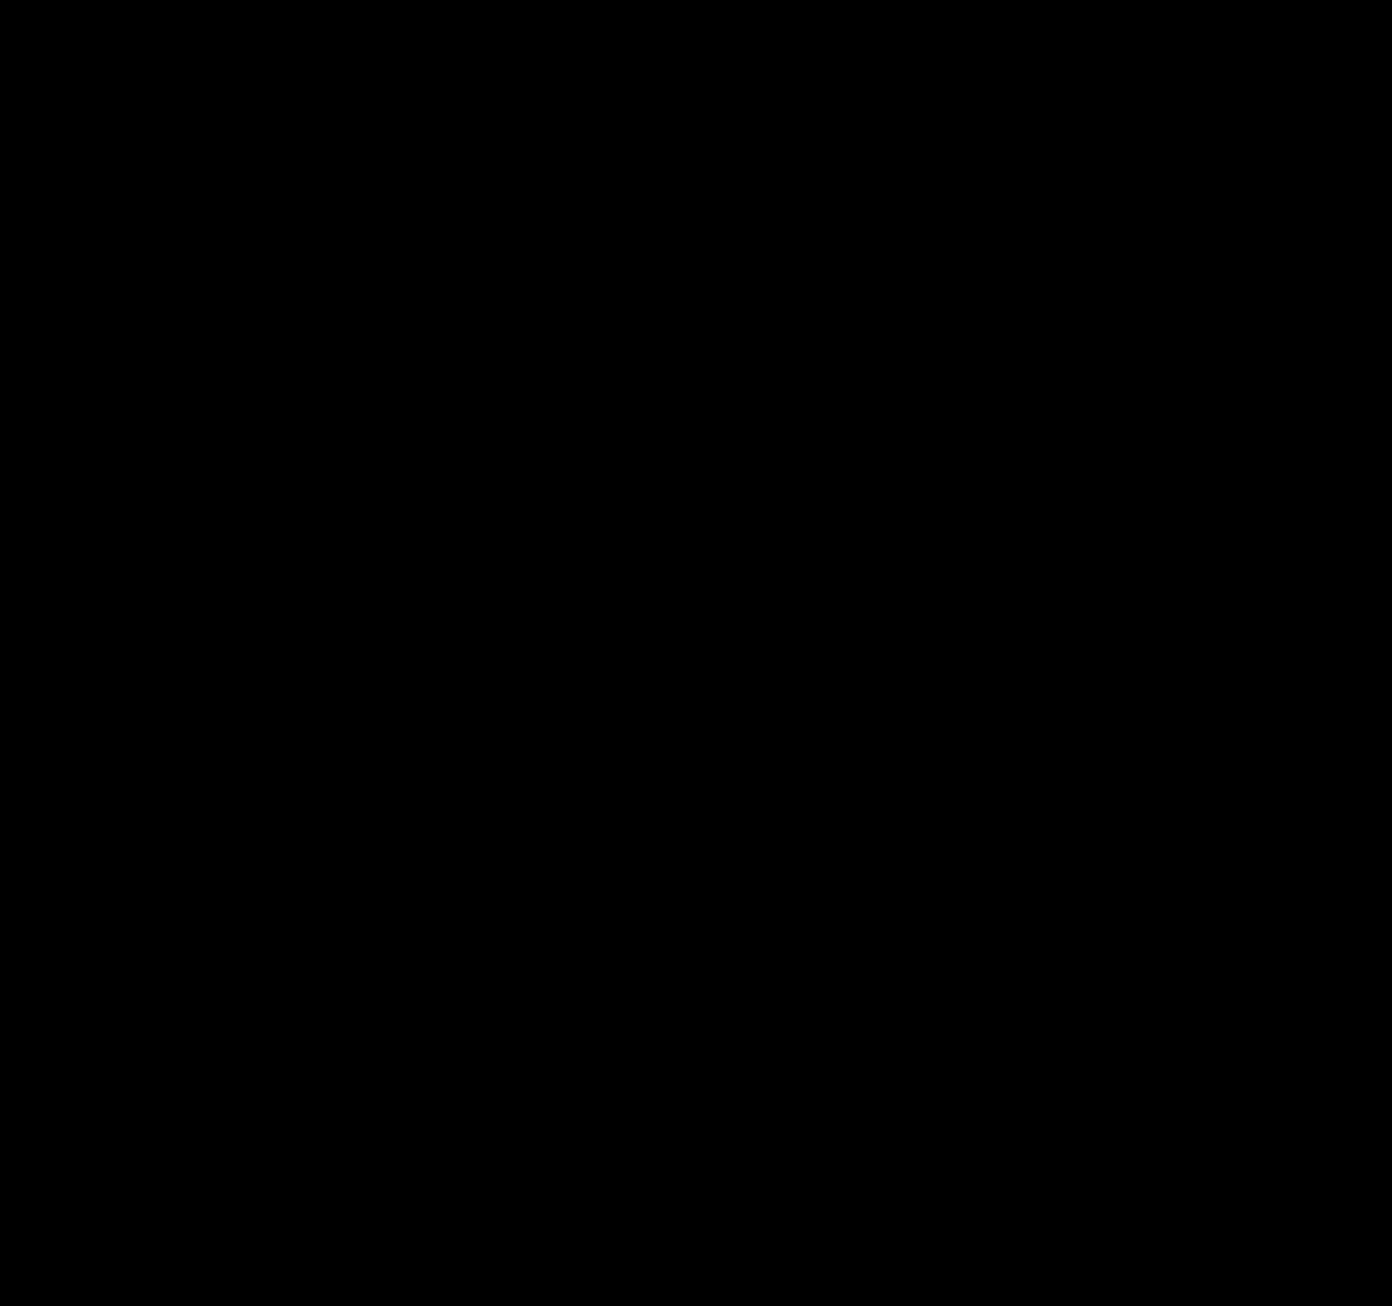 (4-Bromobenzyl)-[2-(5-methoxy-1H-indol-3-yl)ethyl]amine